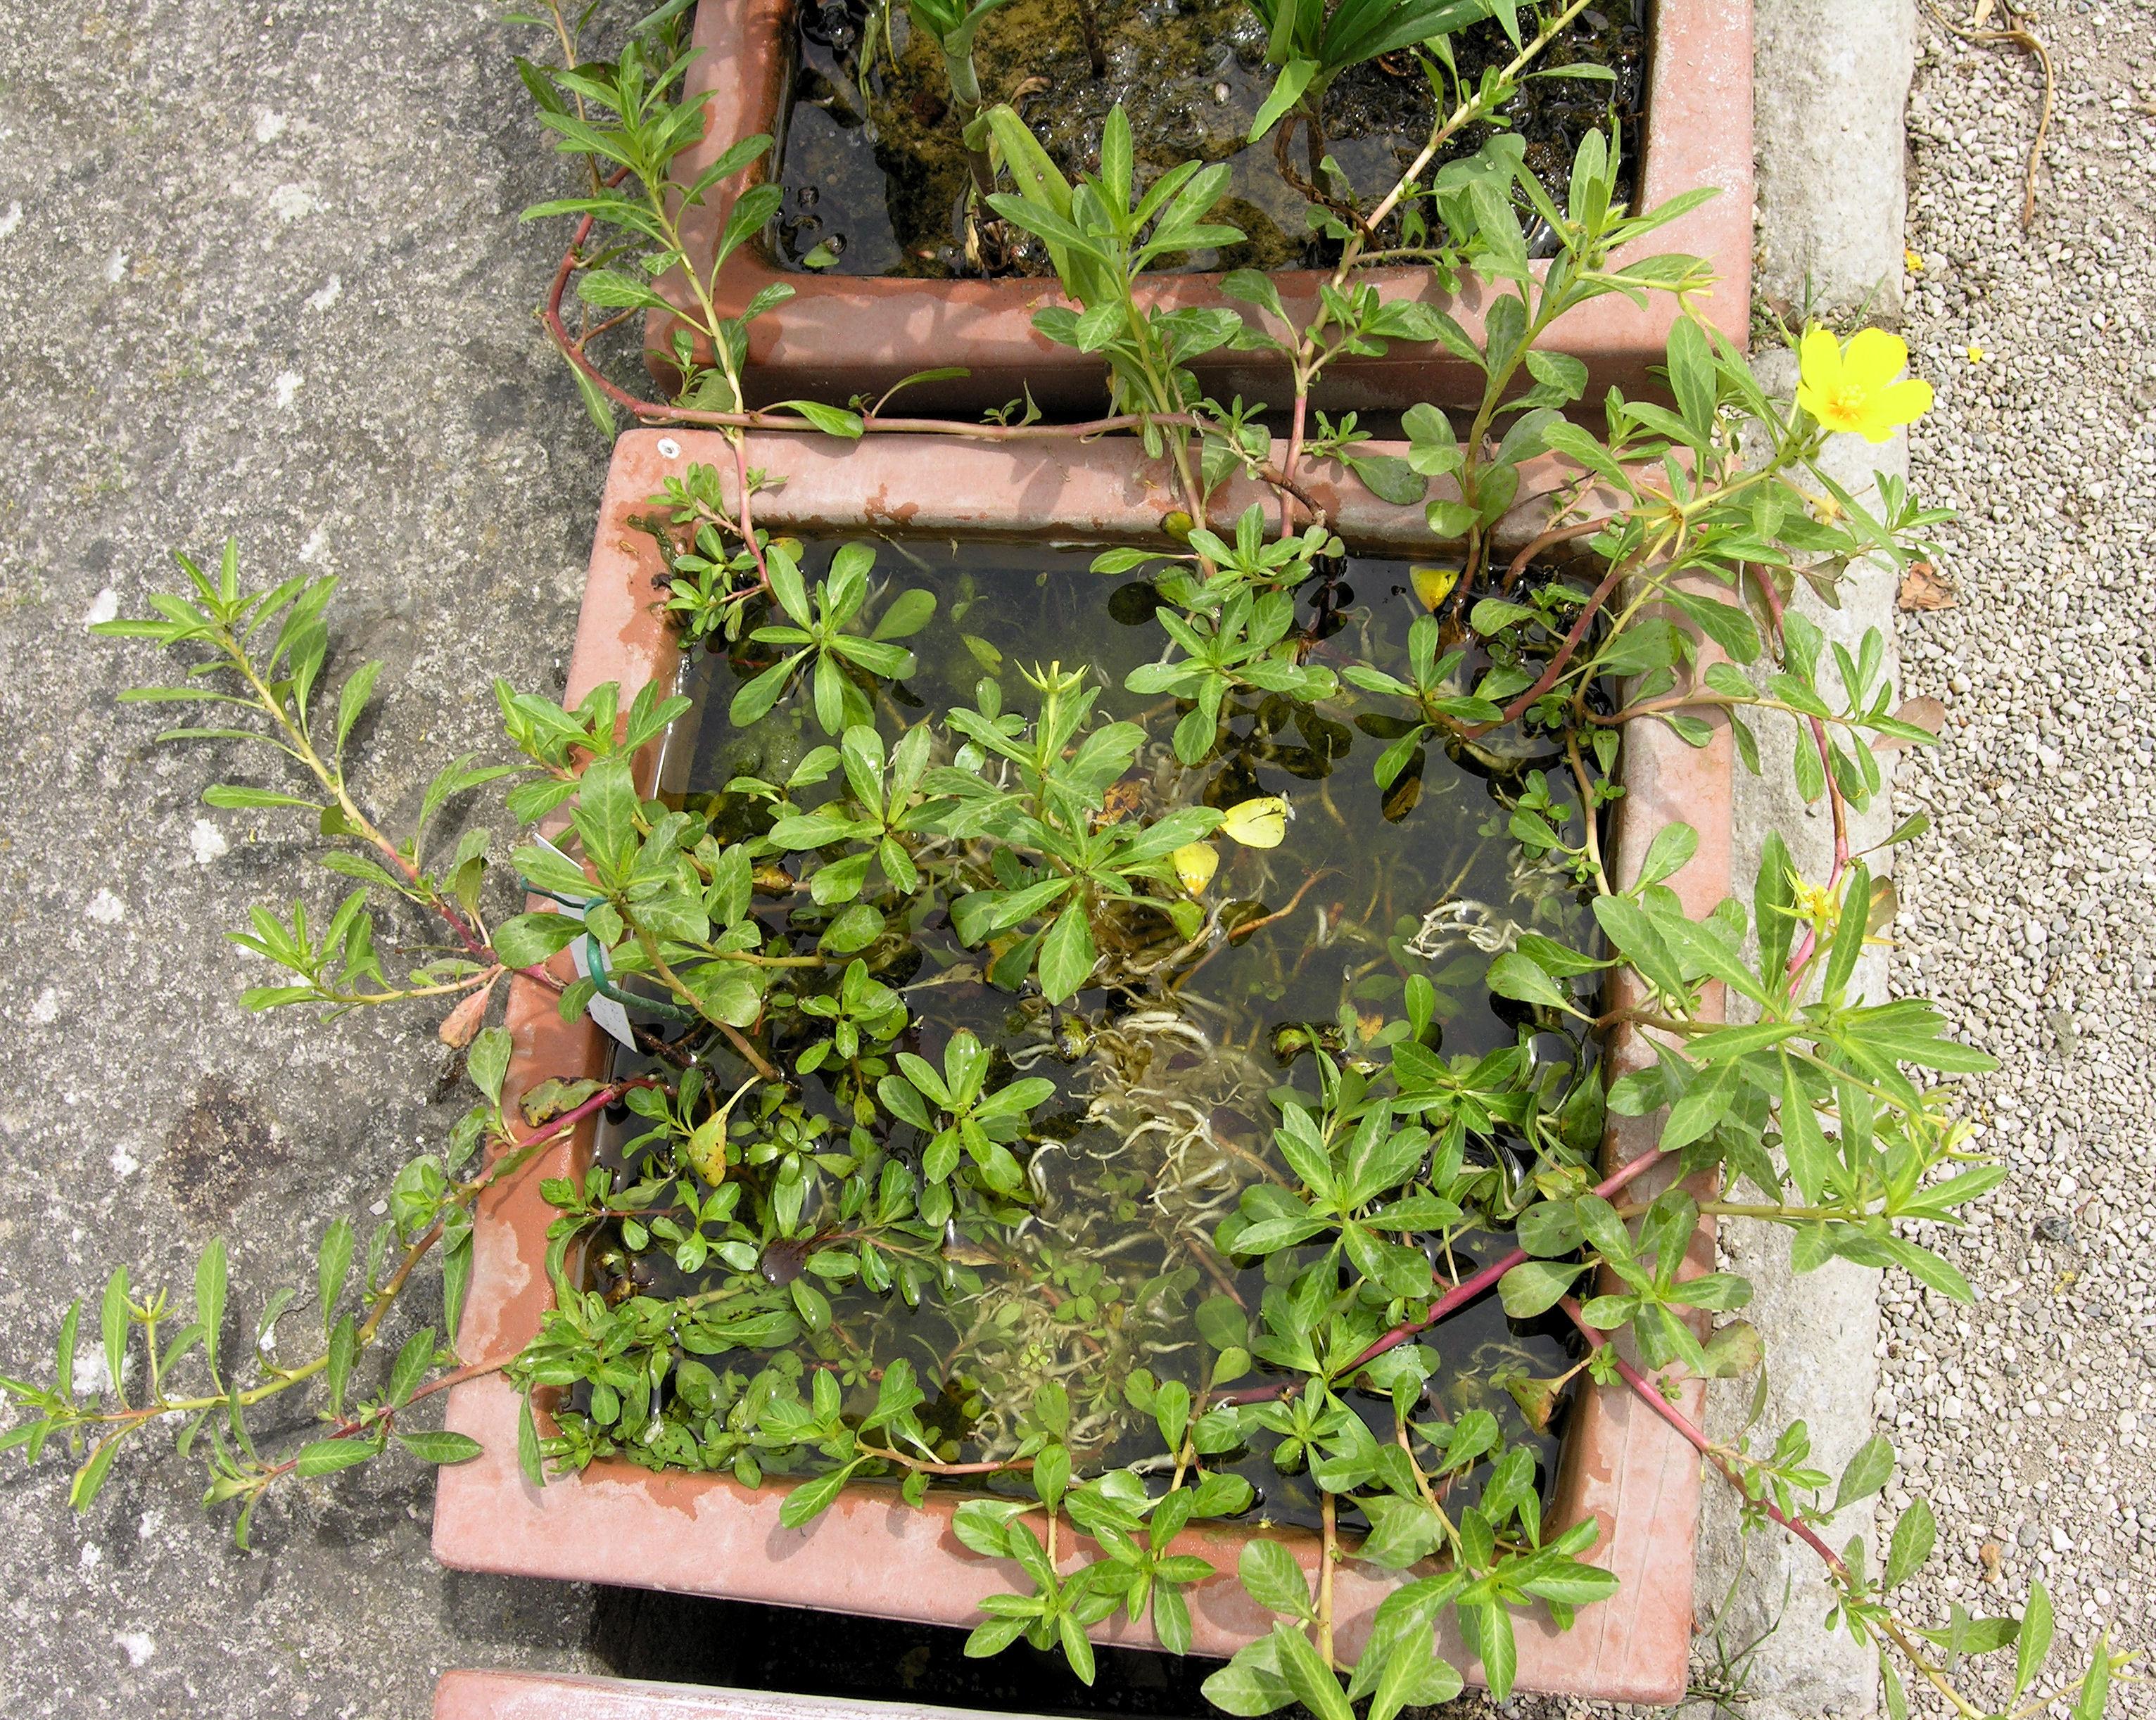 © Dipartimento di Scienze della Vita, Università degli Studi di Trieste<br>by Andrea Moro<br>Comune di Padova, Orto Botanico, PD, Veneto, Italia, 04/06/2009<br>Distributed under CC-BY-SA 4.0 license.